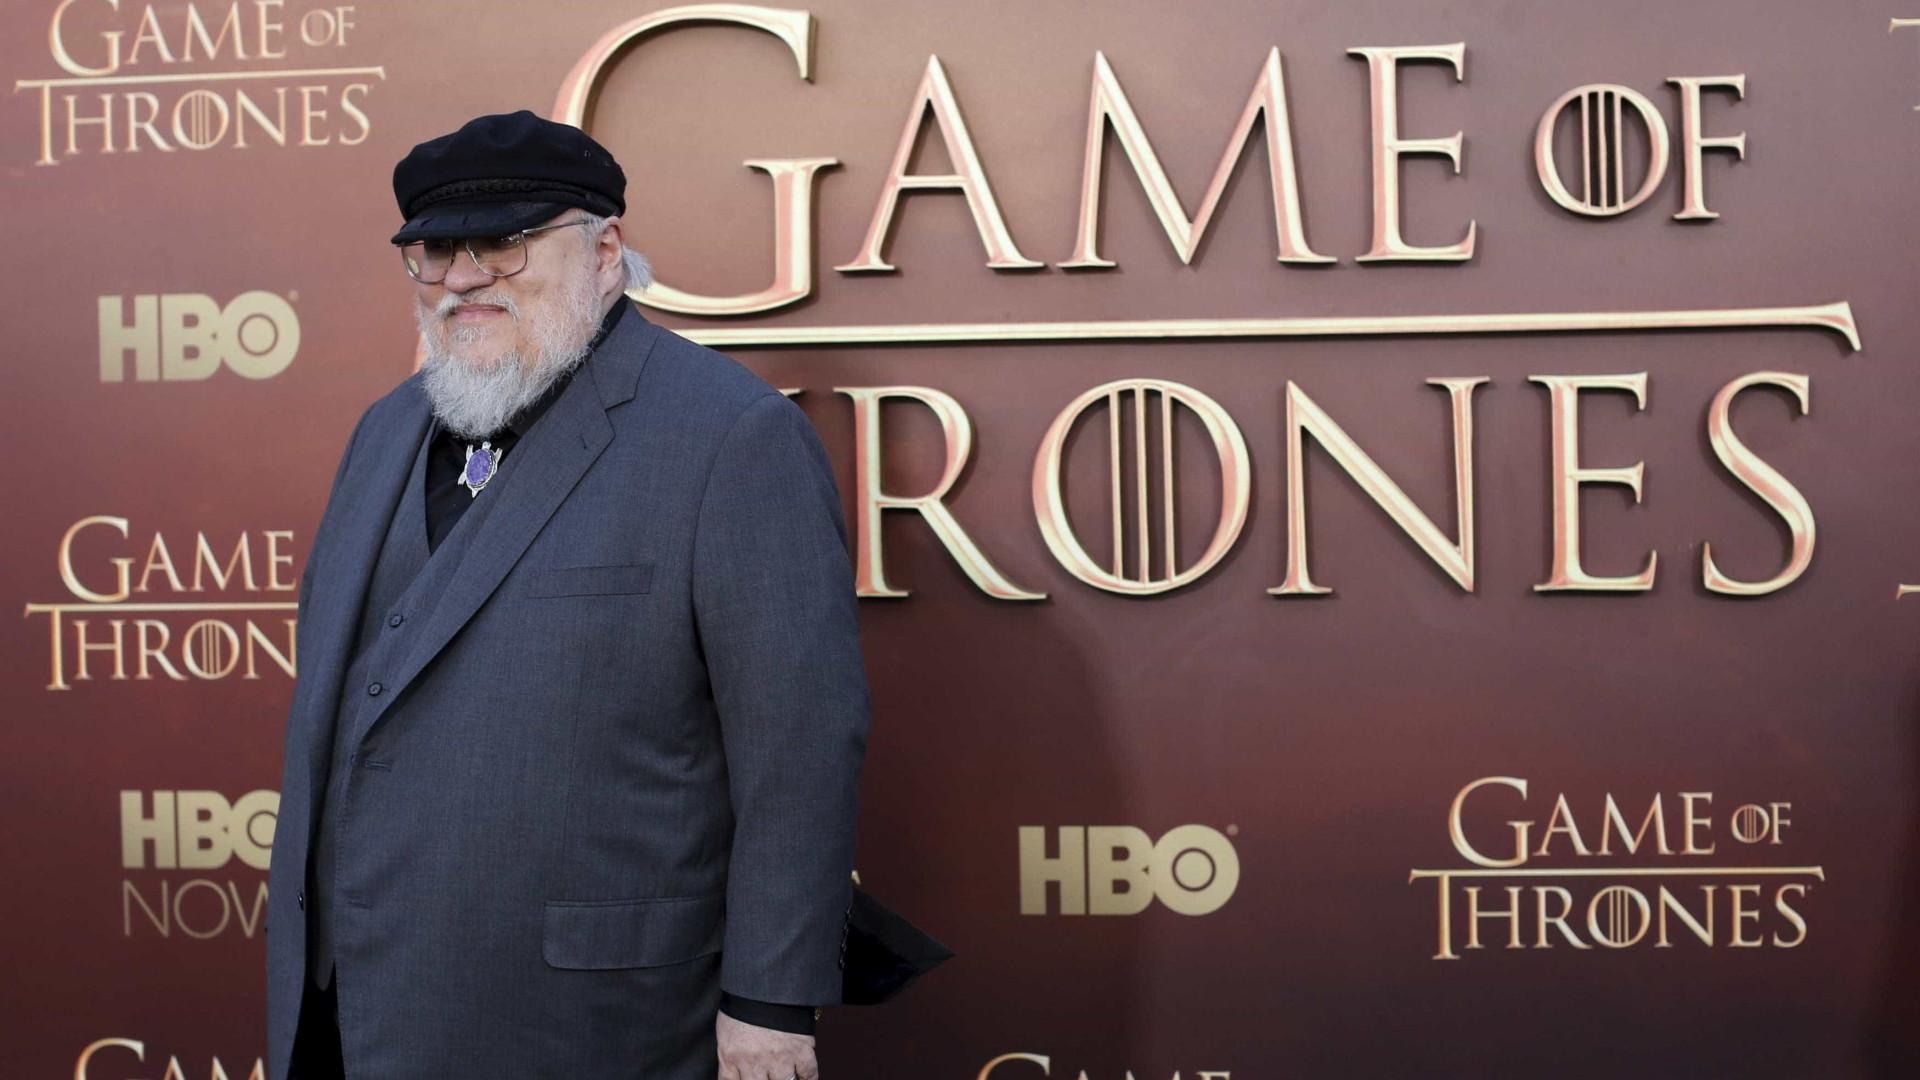 George RR Martin anuncia dois novos livros sobre os Targaryen